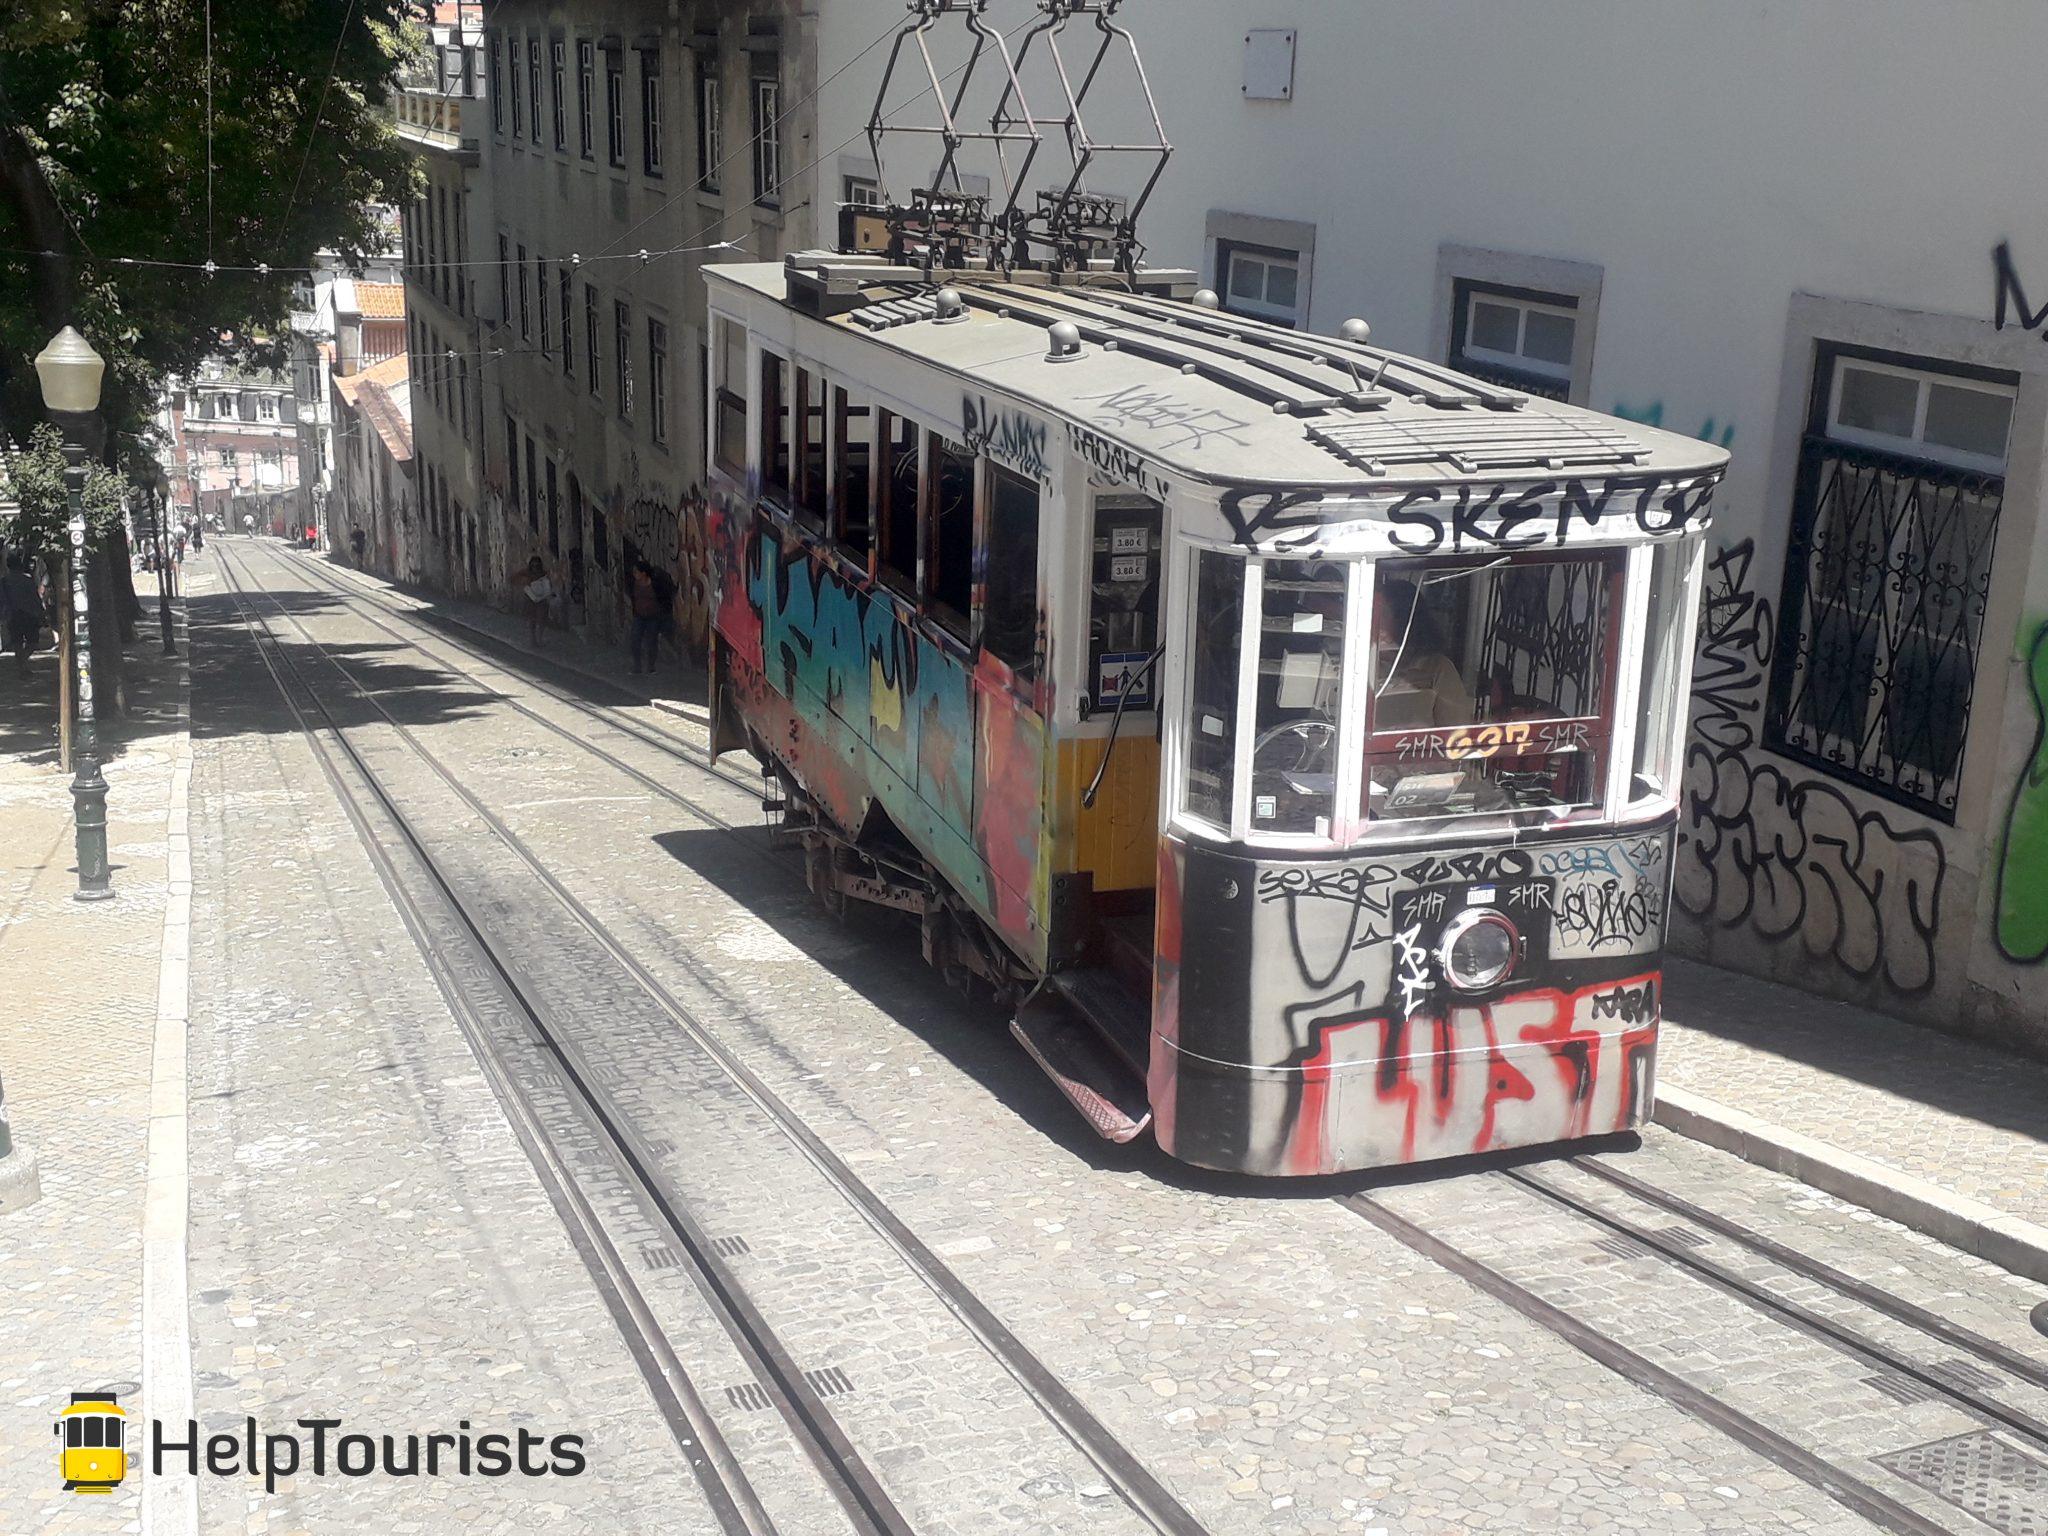 Lissabon Tram Bairro Alto